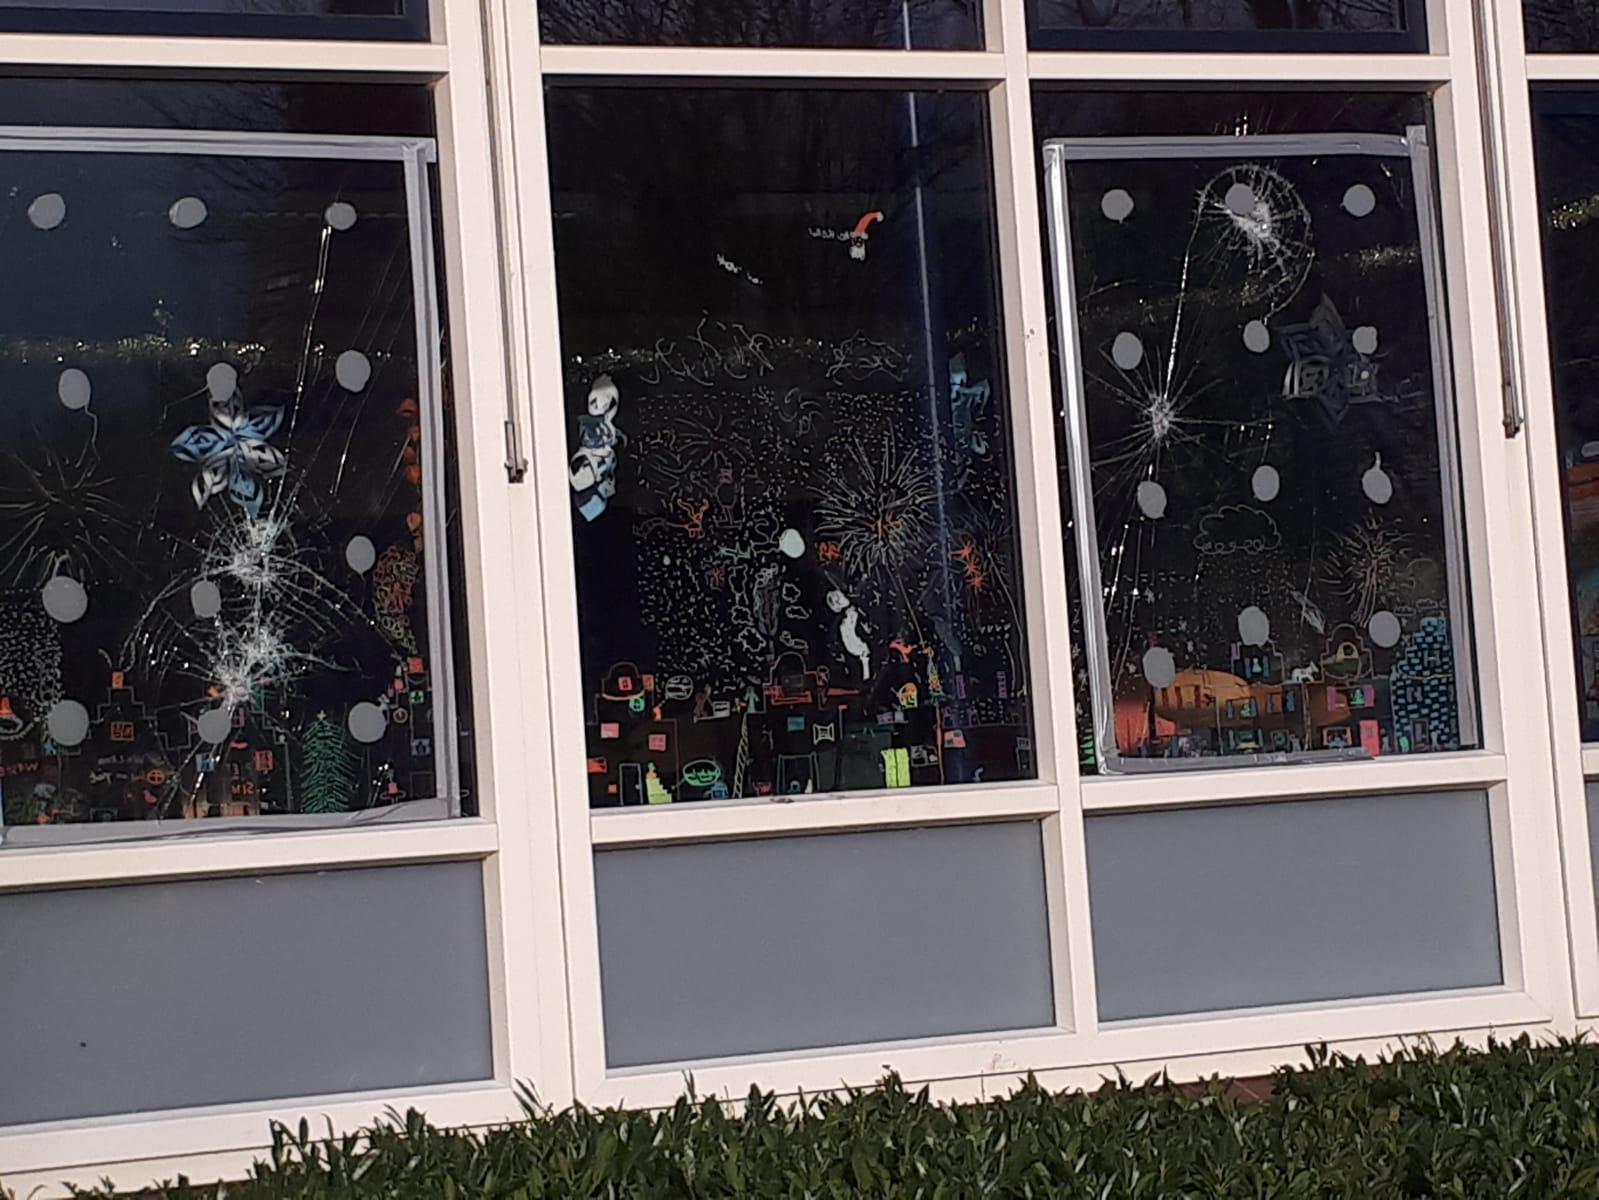 Ruiten basisschool Padland ingegooid, maar ook elders in Venhuizen: 'Wat een zinloze actie'